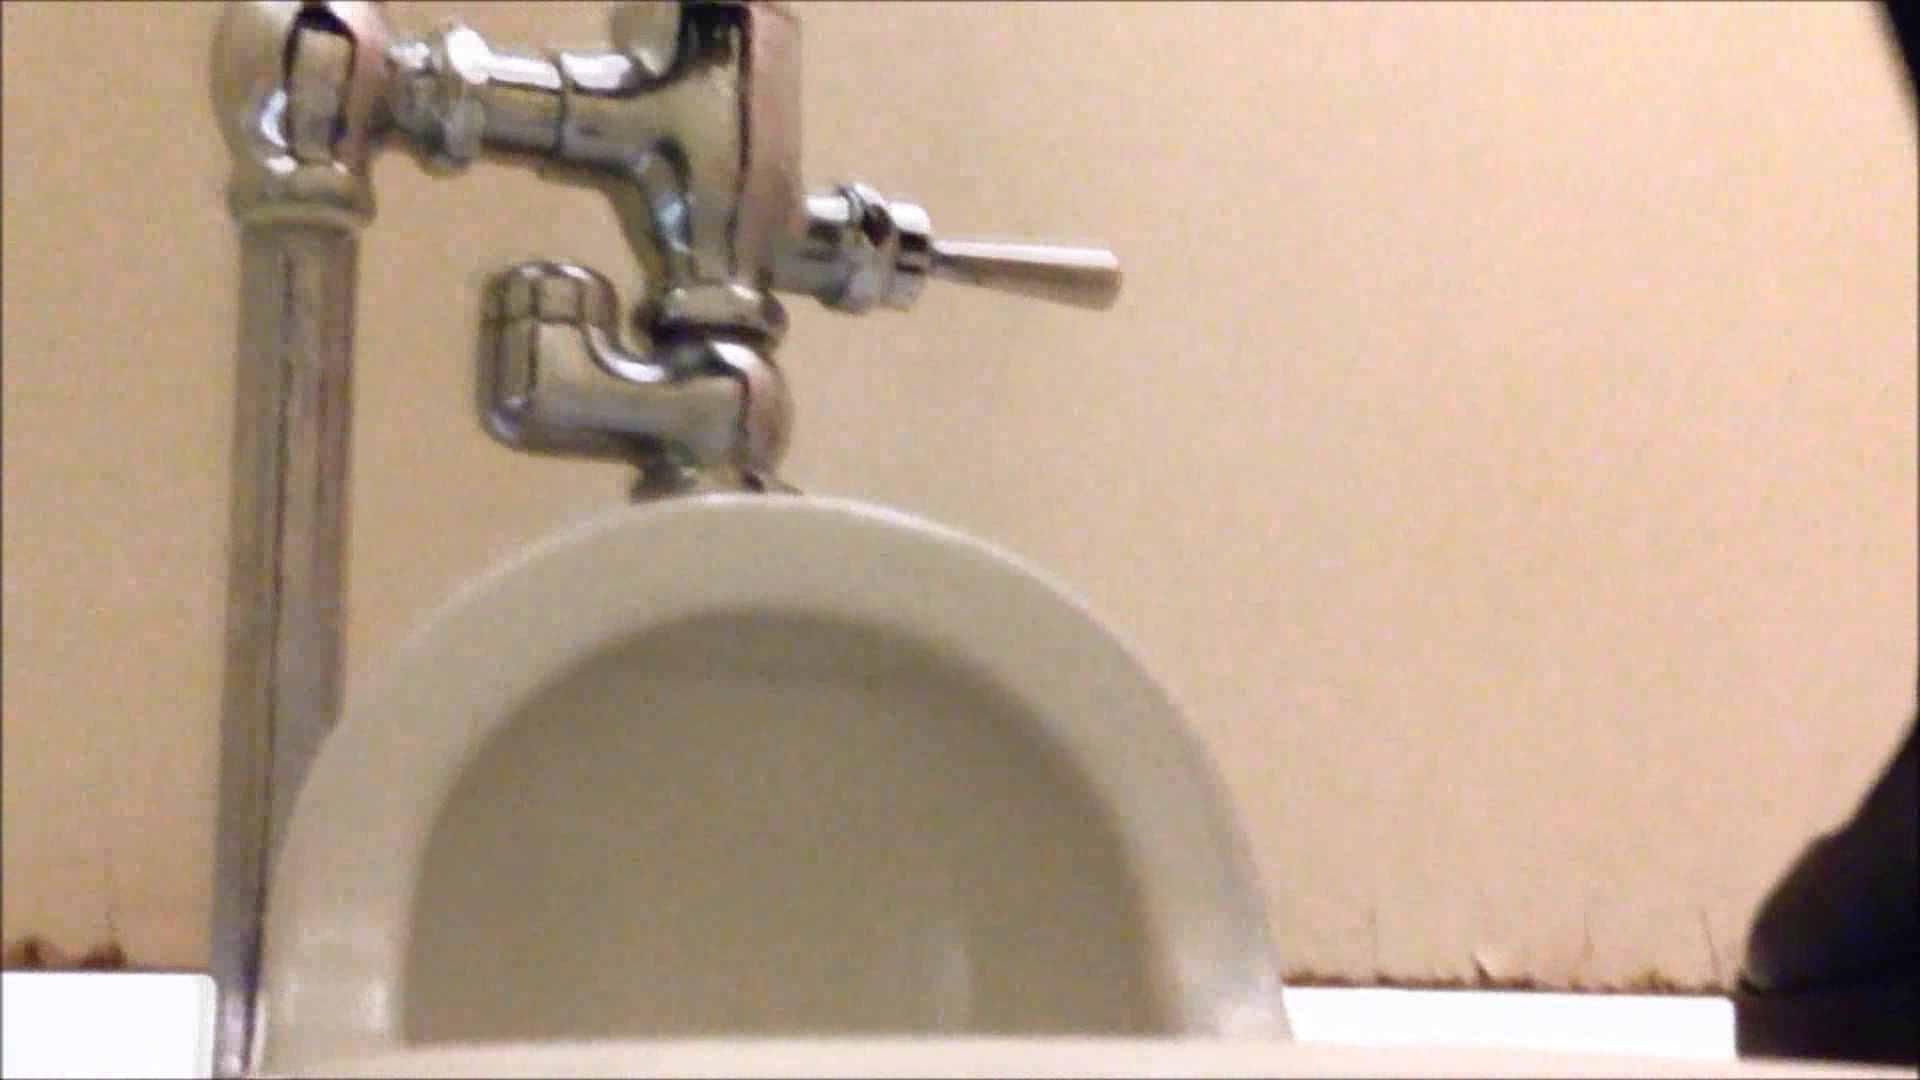 某有名大学女性洗面所 vol.14 排泄 性交動画流出 92画像 87